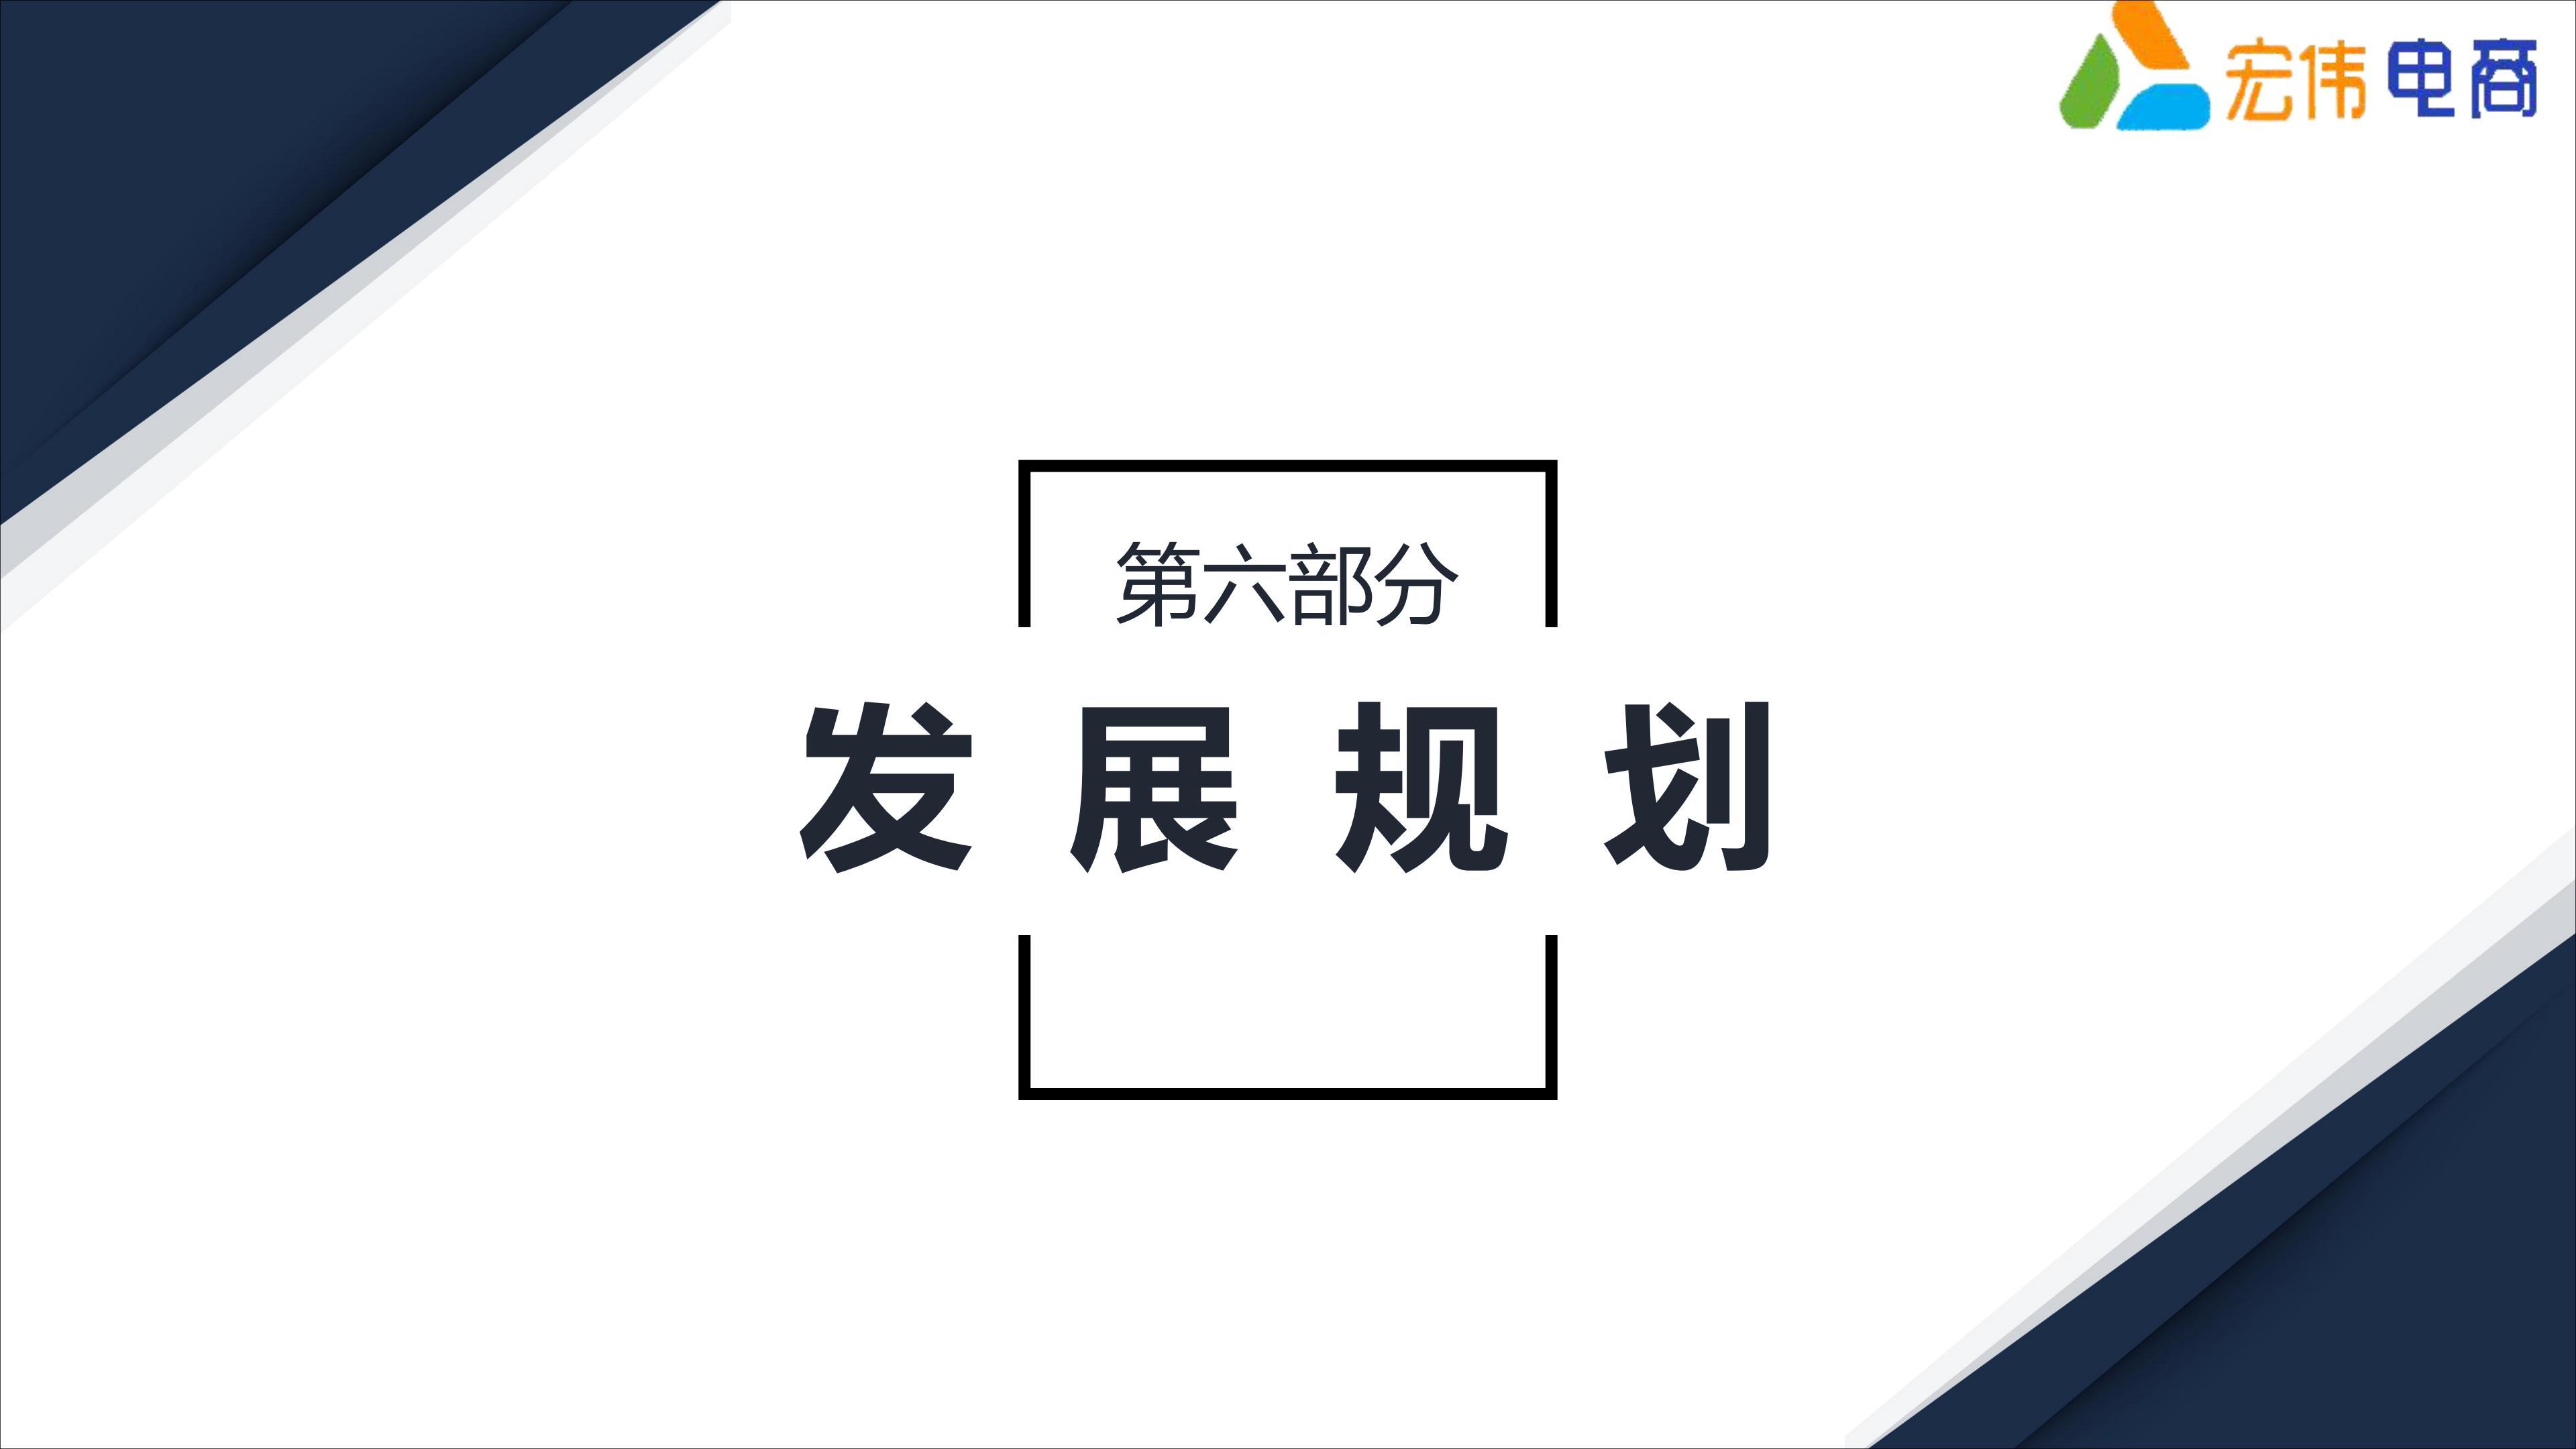 红薯助力万人脱贫创业计划定稿(1)_19.jpg